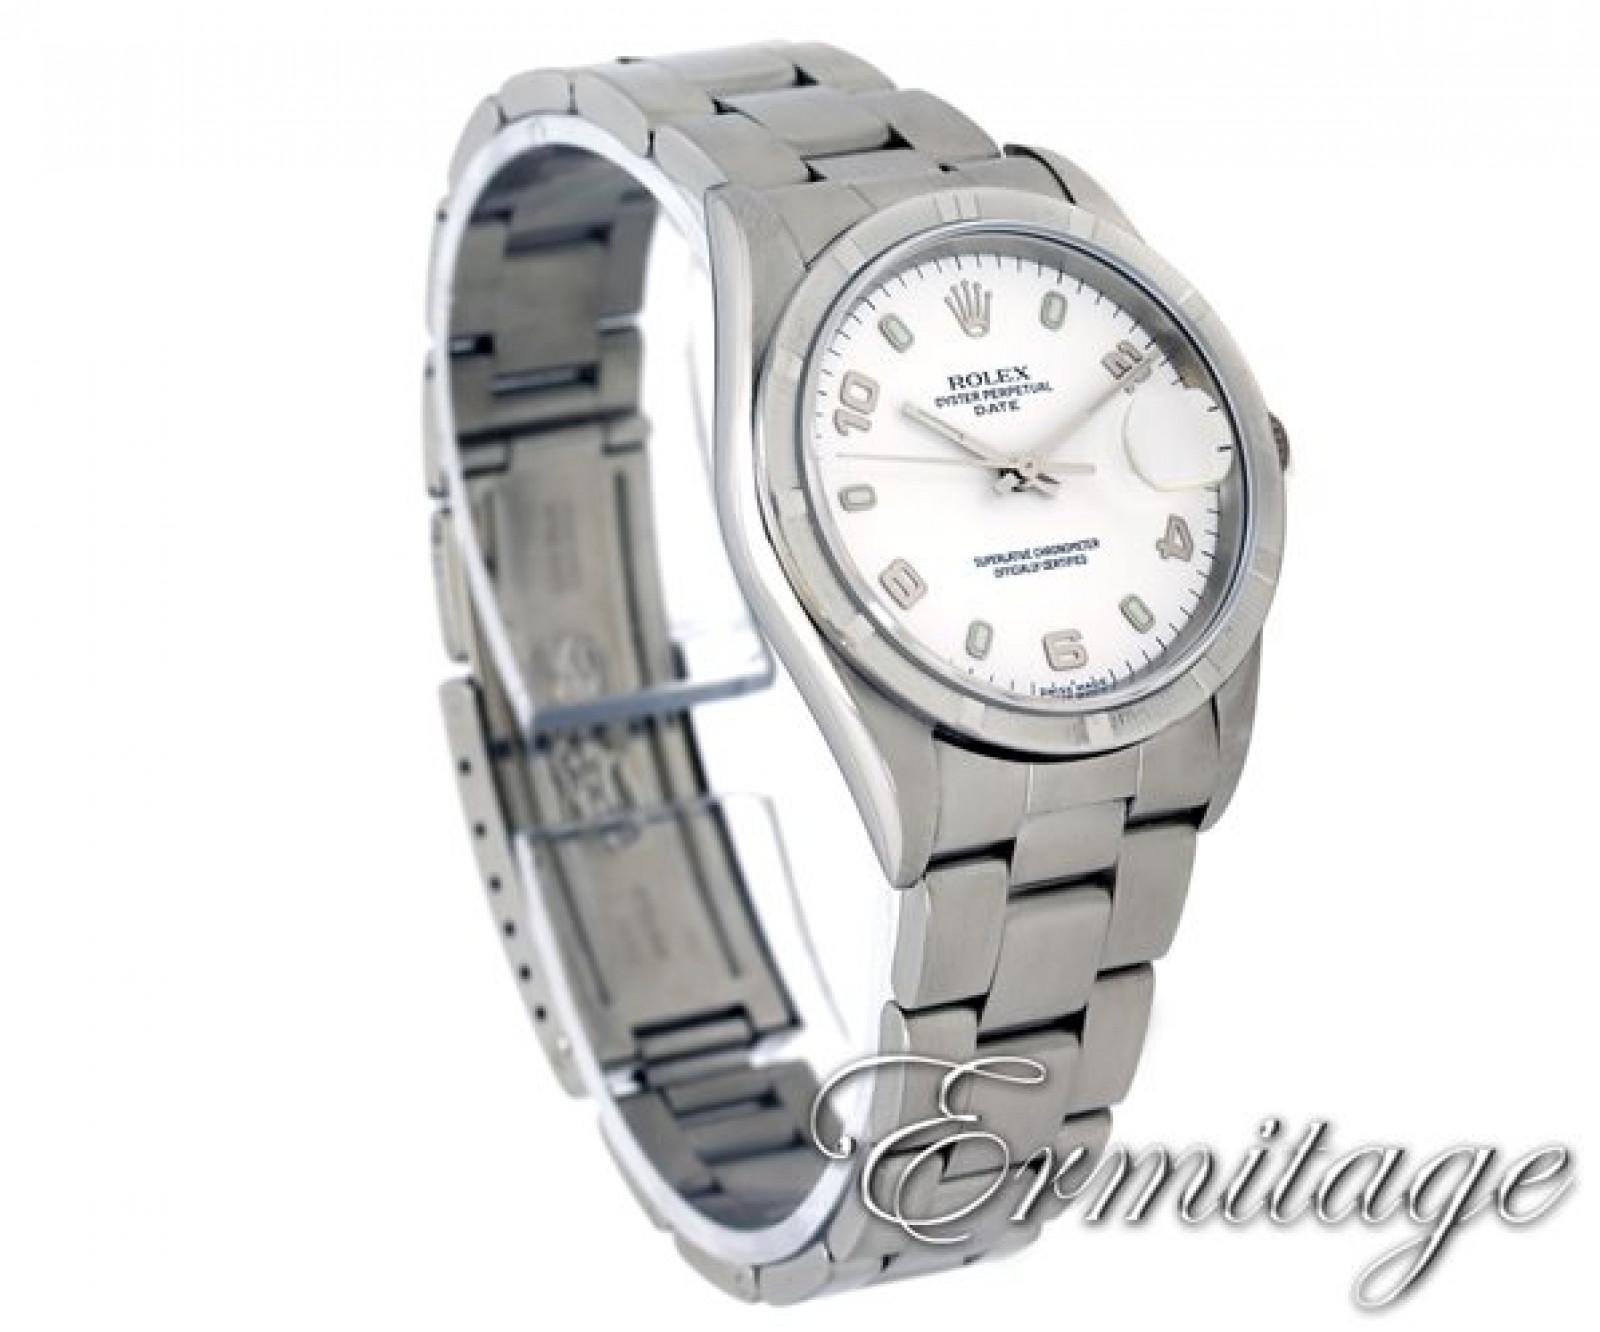 Rolex Date 15210 Steel White Year 2000